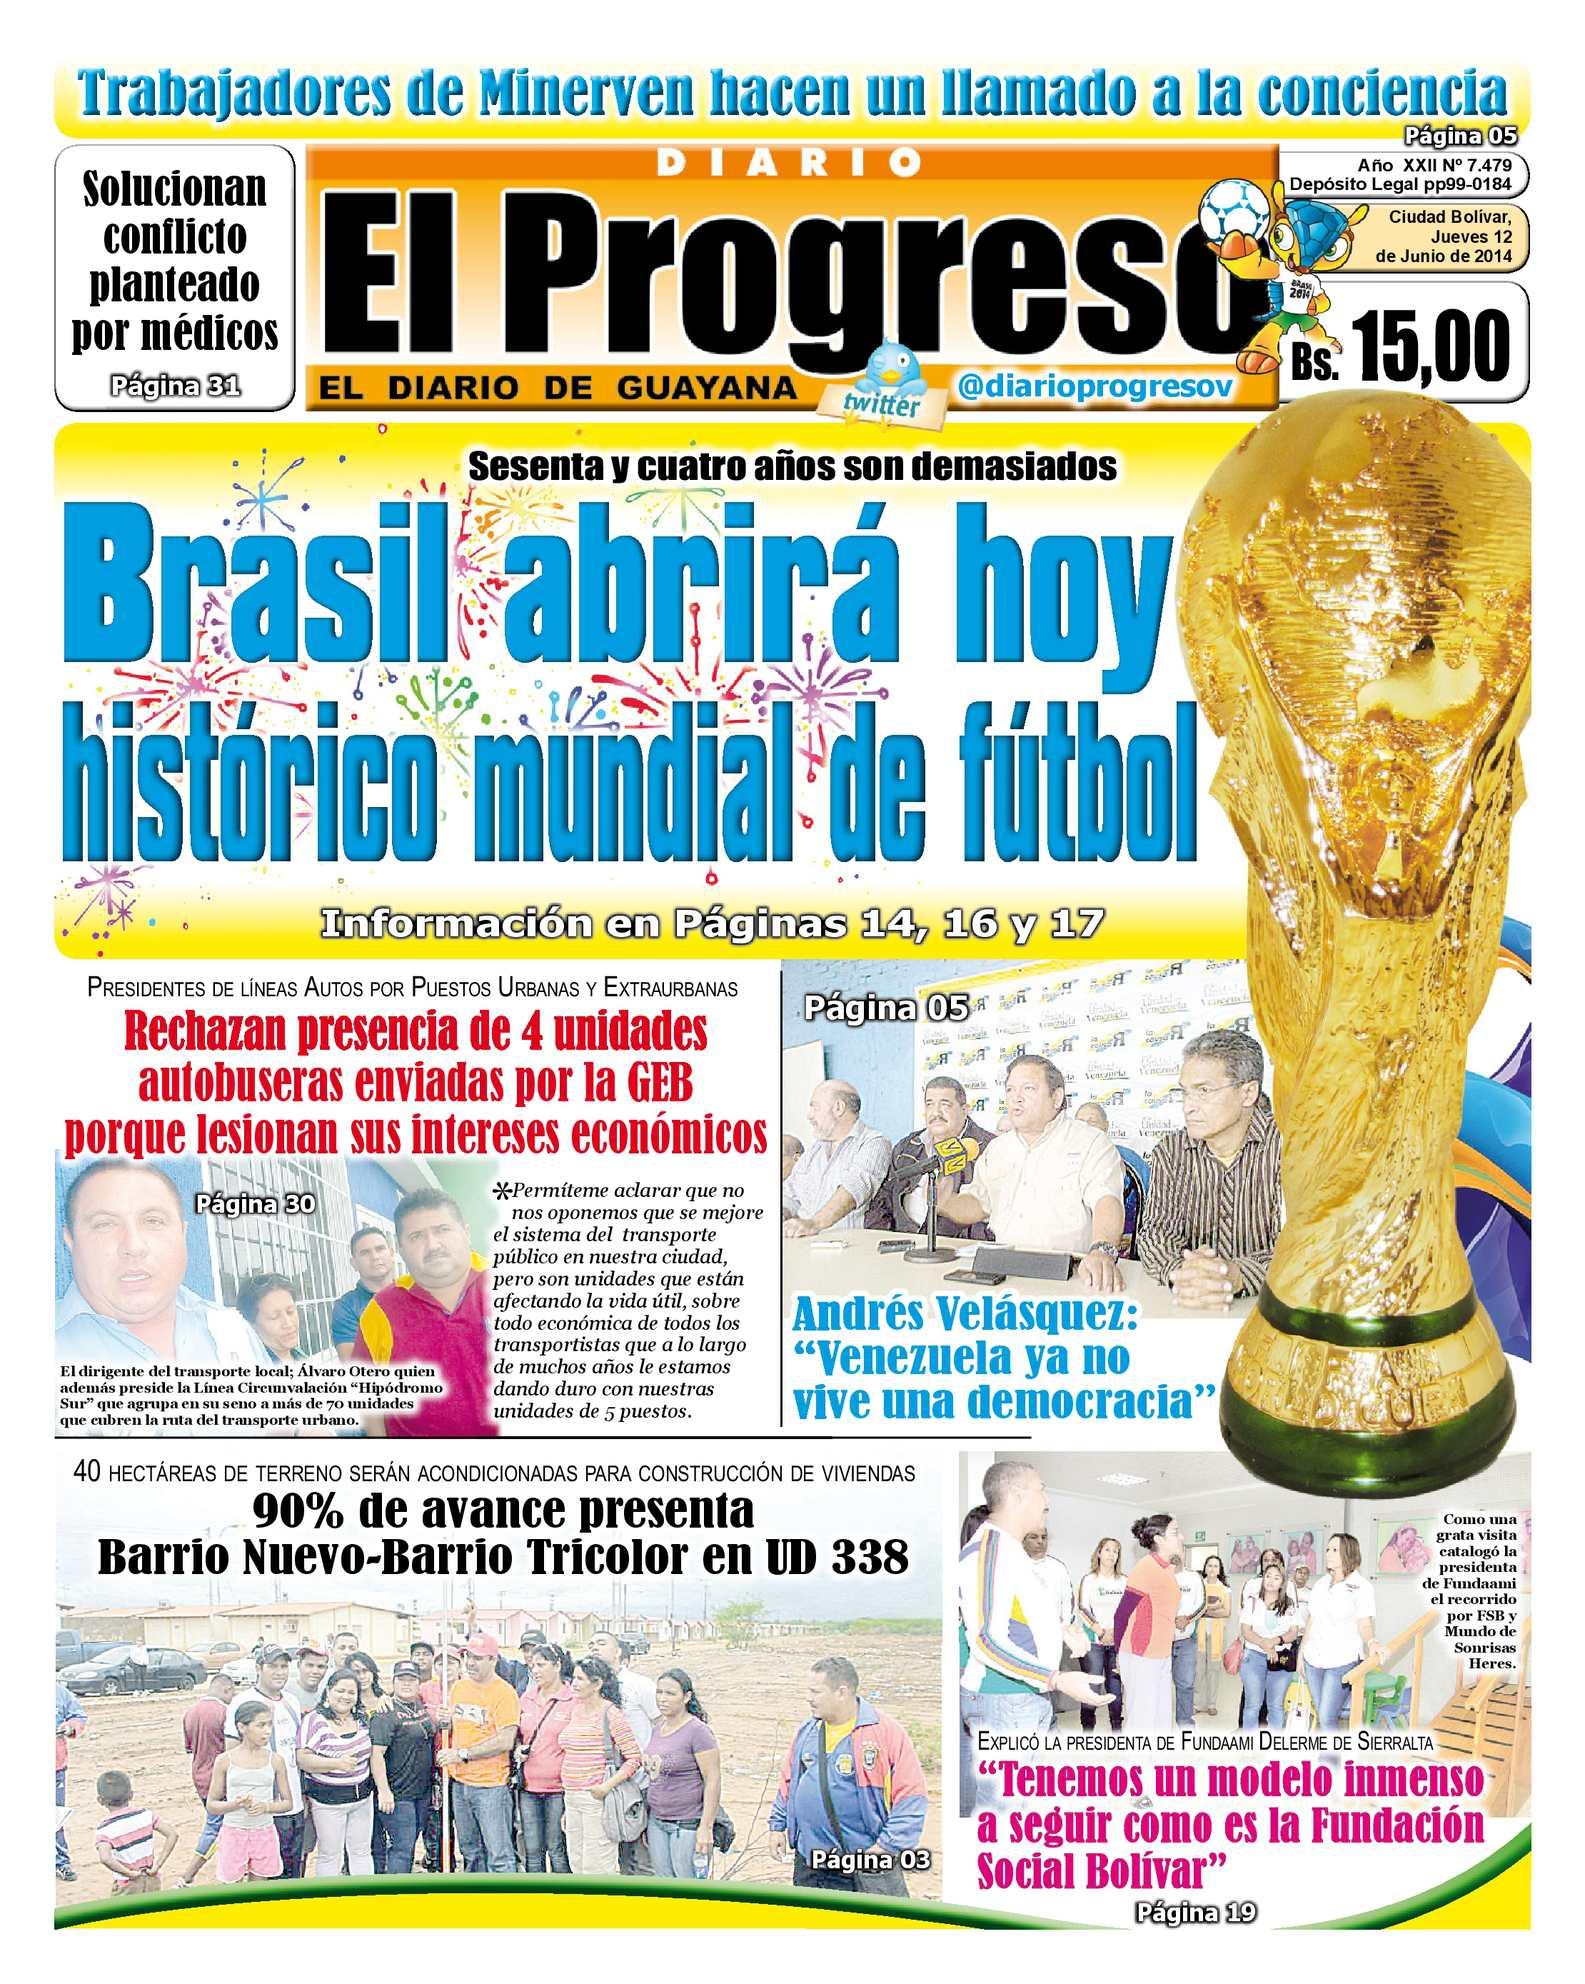 Calaméo - DIARIO EL PROGRESO EDICIÓN DIGITAL 12-06-2014